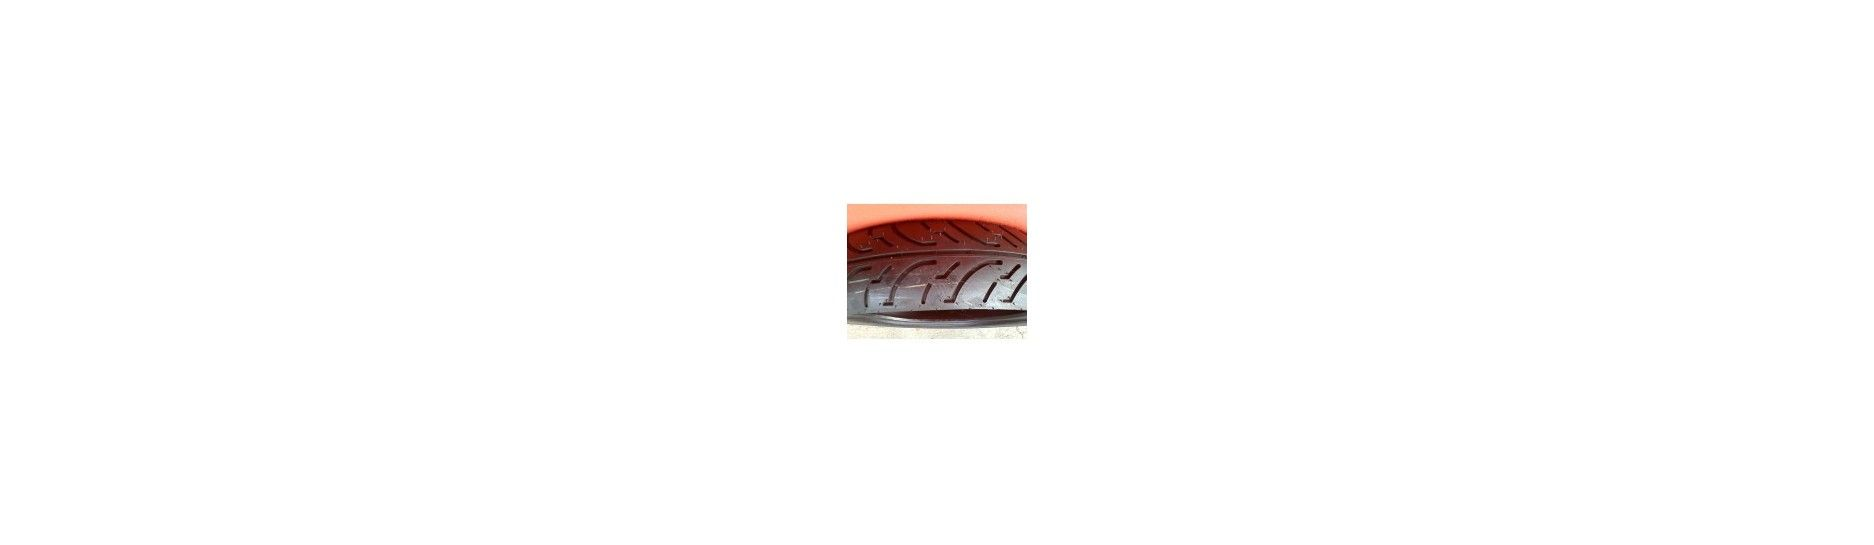 16-ti palcové pneumatiky